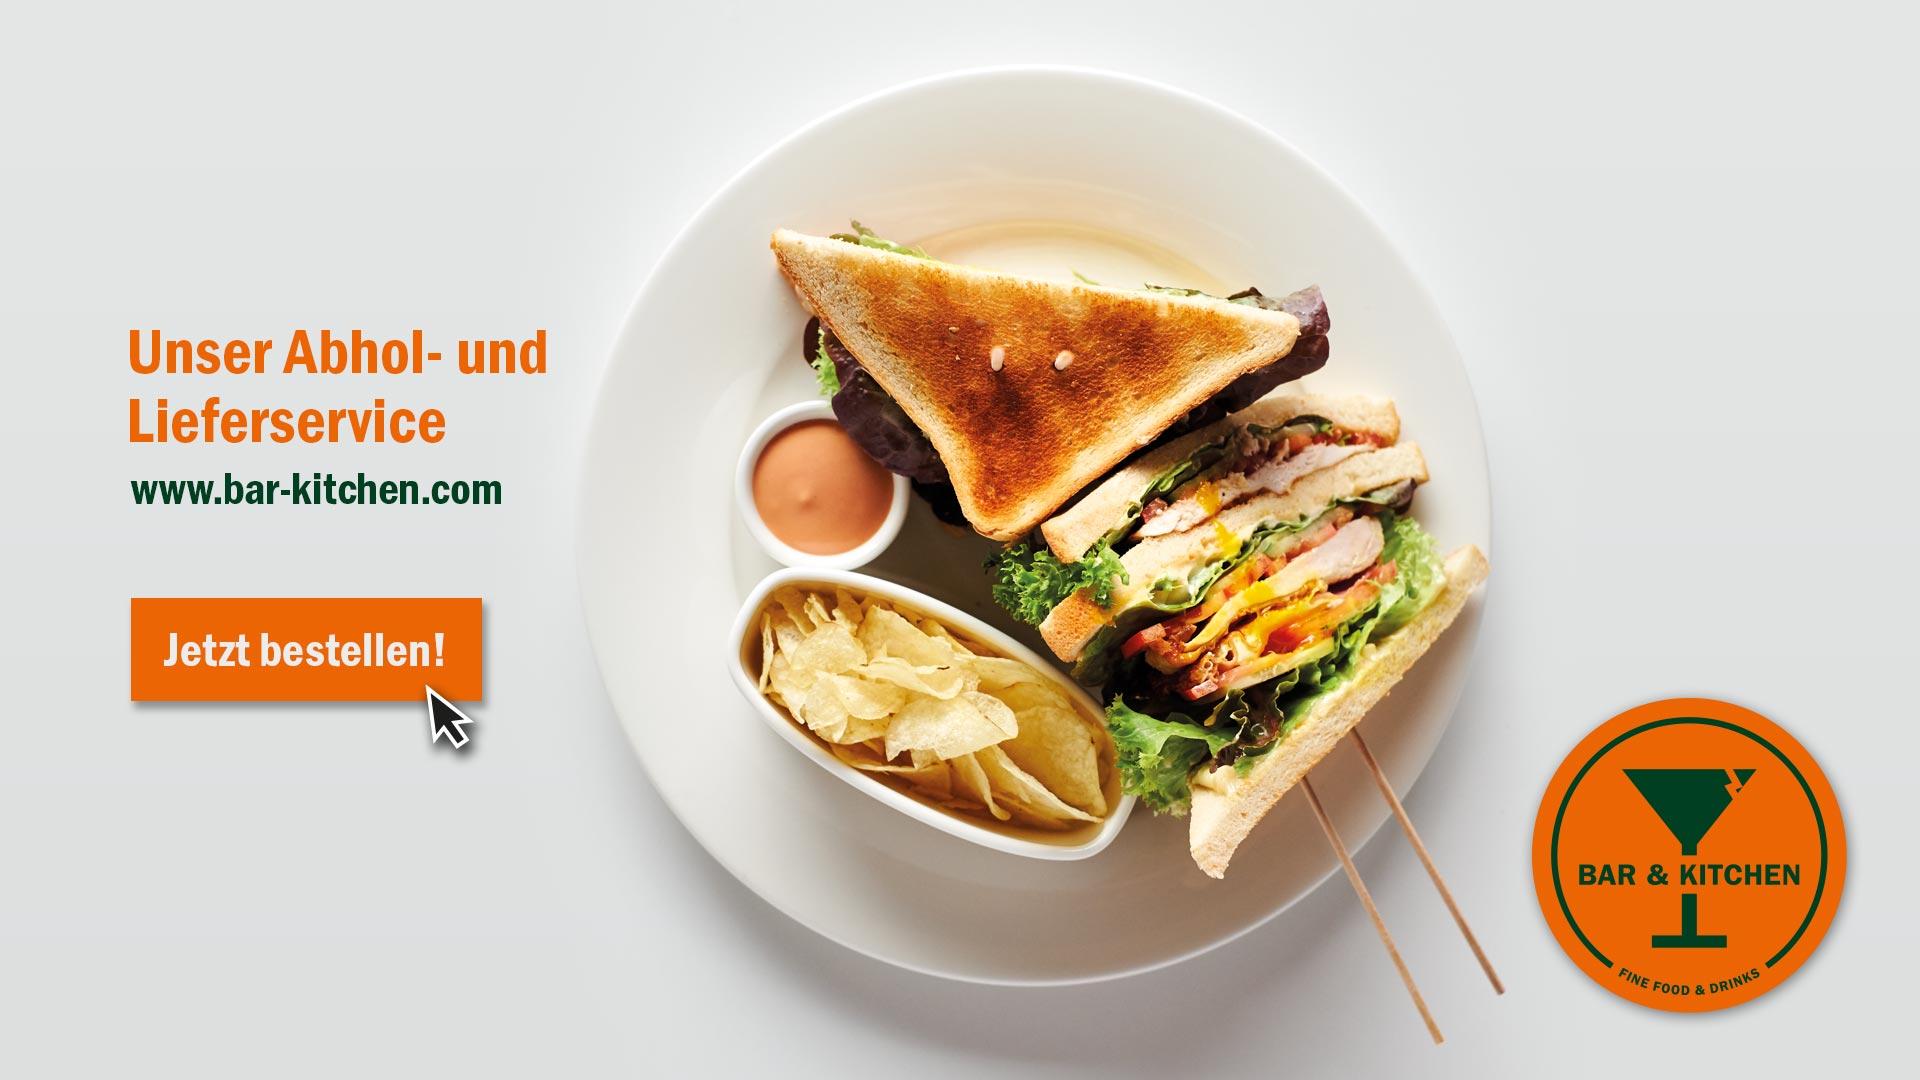 Abhol- und Lieferservice: www.bar-kitchen.com